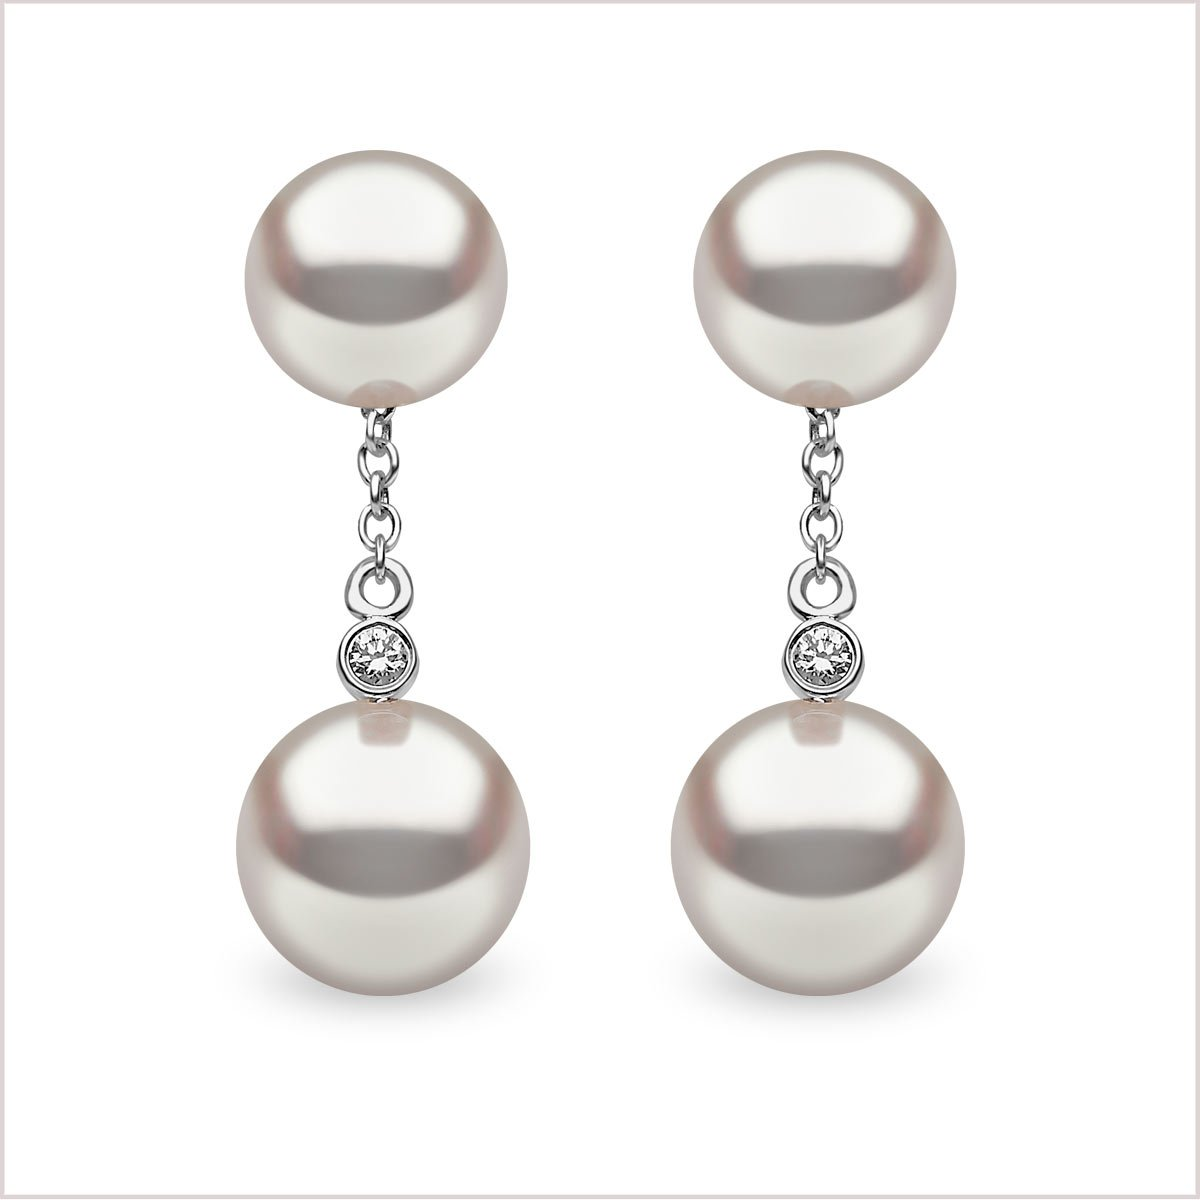 Yoko London Classic Akoya Pearl & Diamond Earrings